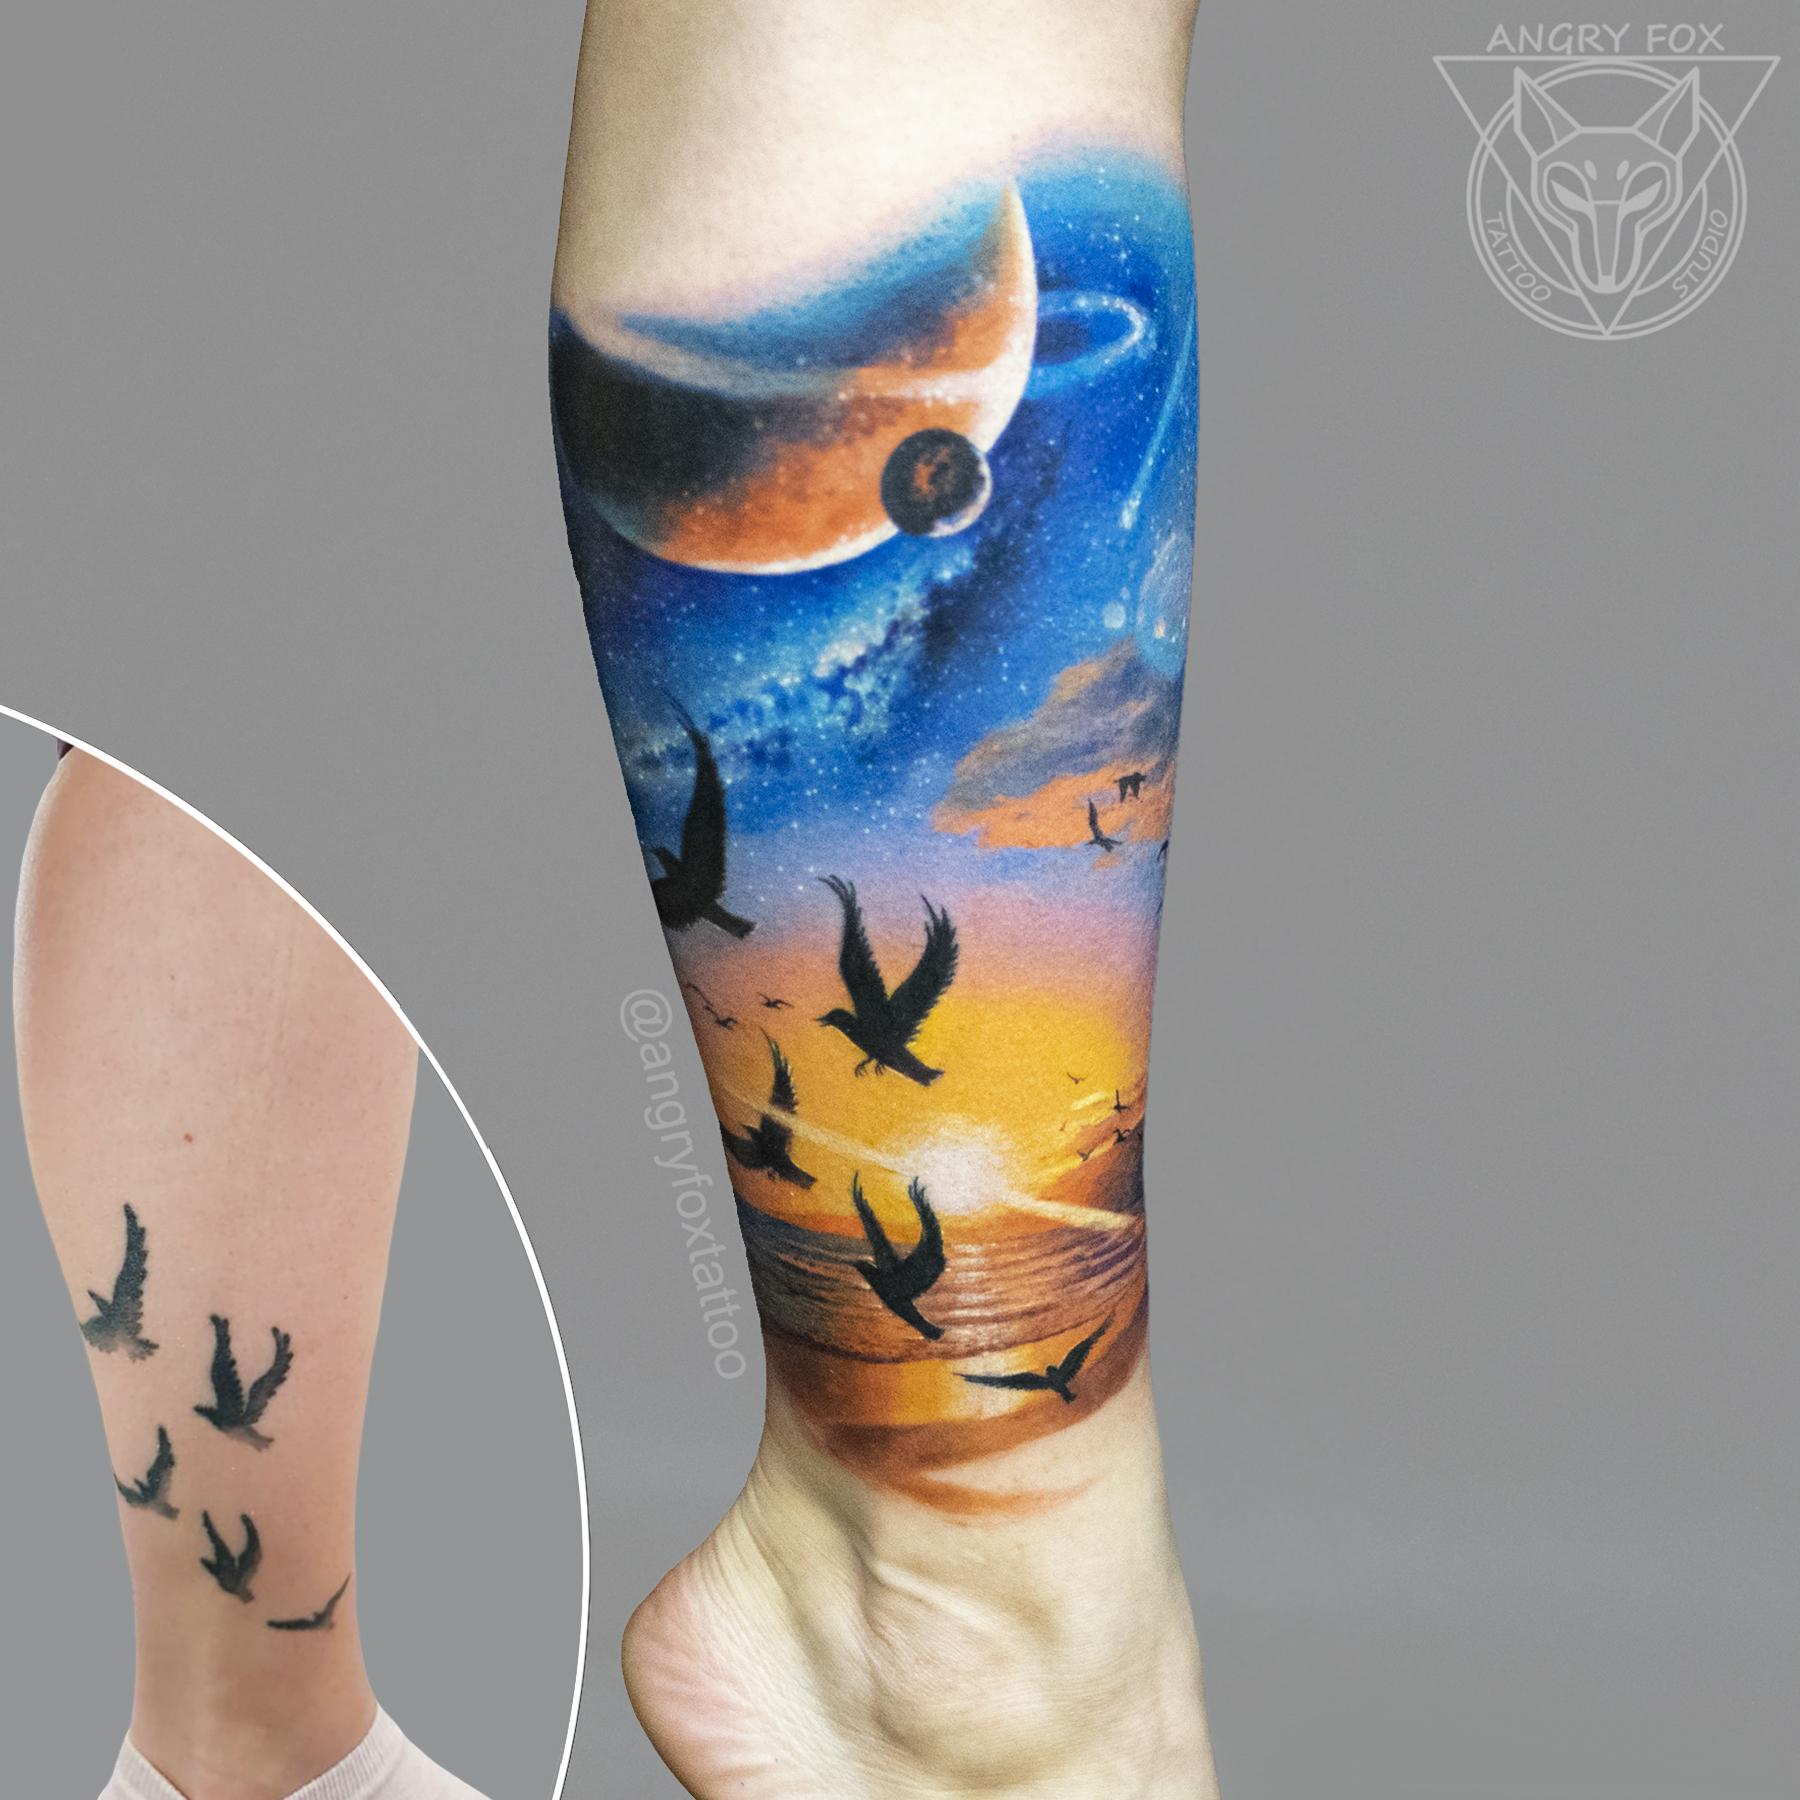 татуировка, тату, каверап, коррекция, птицы, космос, сатурн, планеты, океан, море, волны, песок, закат, рассвет, реализм, акварель, голень, нога, лучи, цветная, стая, полёт, фото